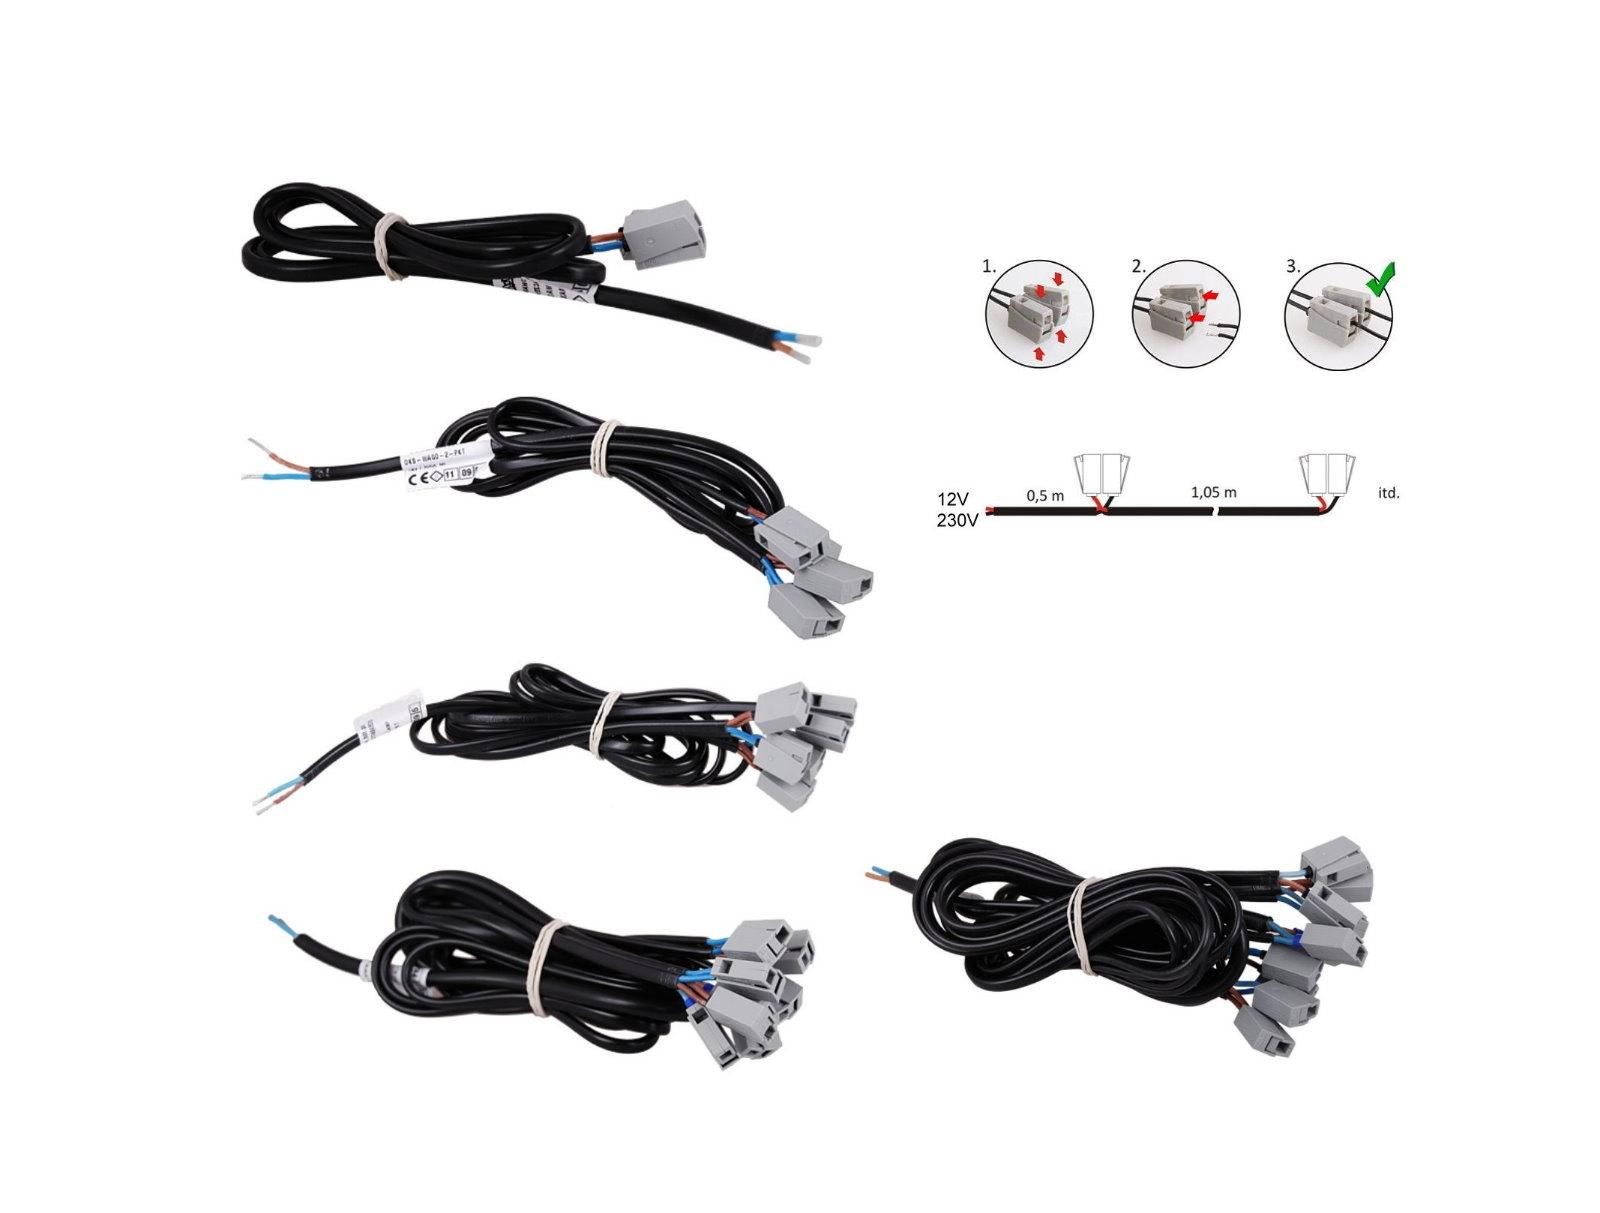 cable alimentacion cable de alimentaci u00f3n cable conexi u00f3n